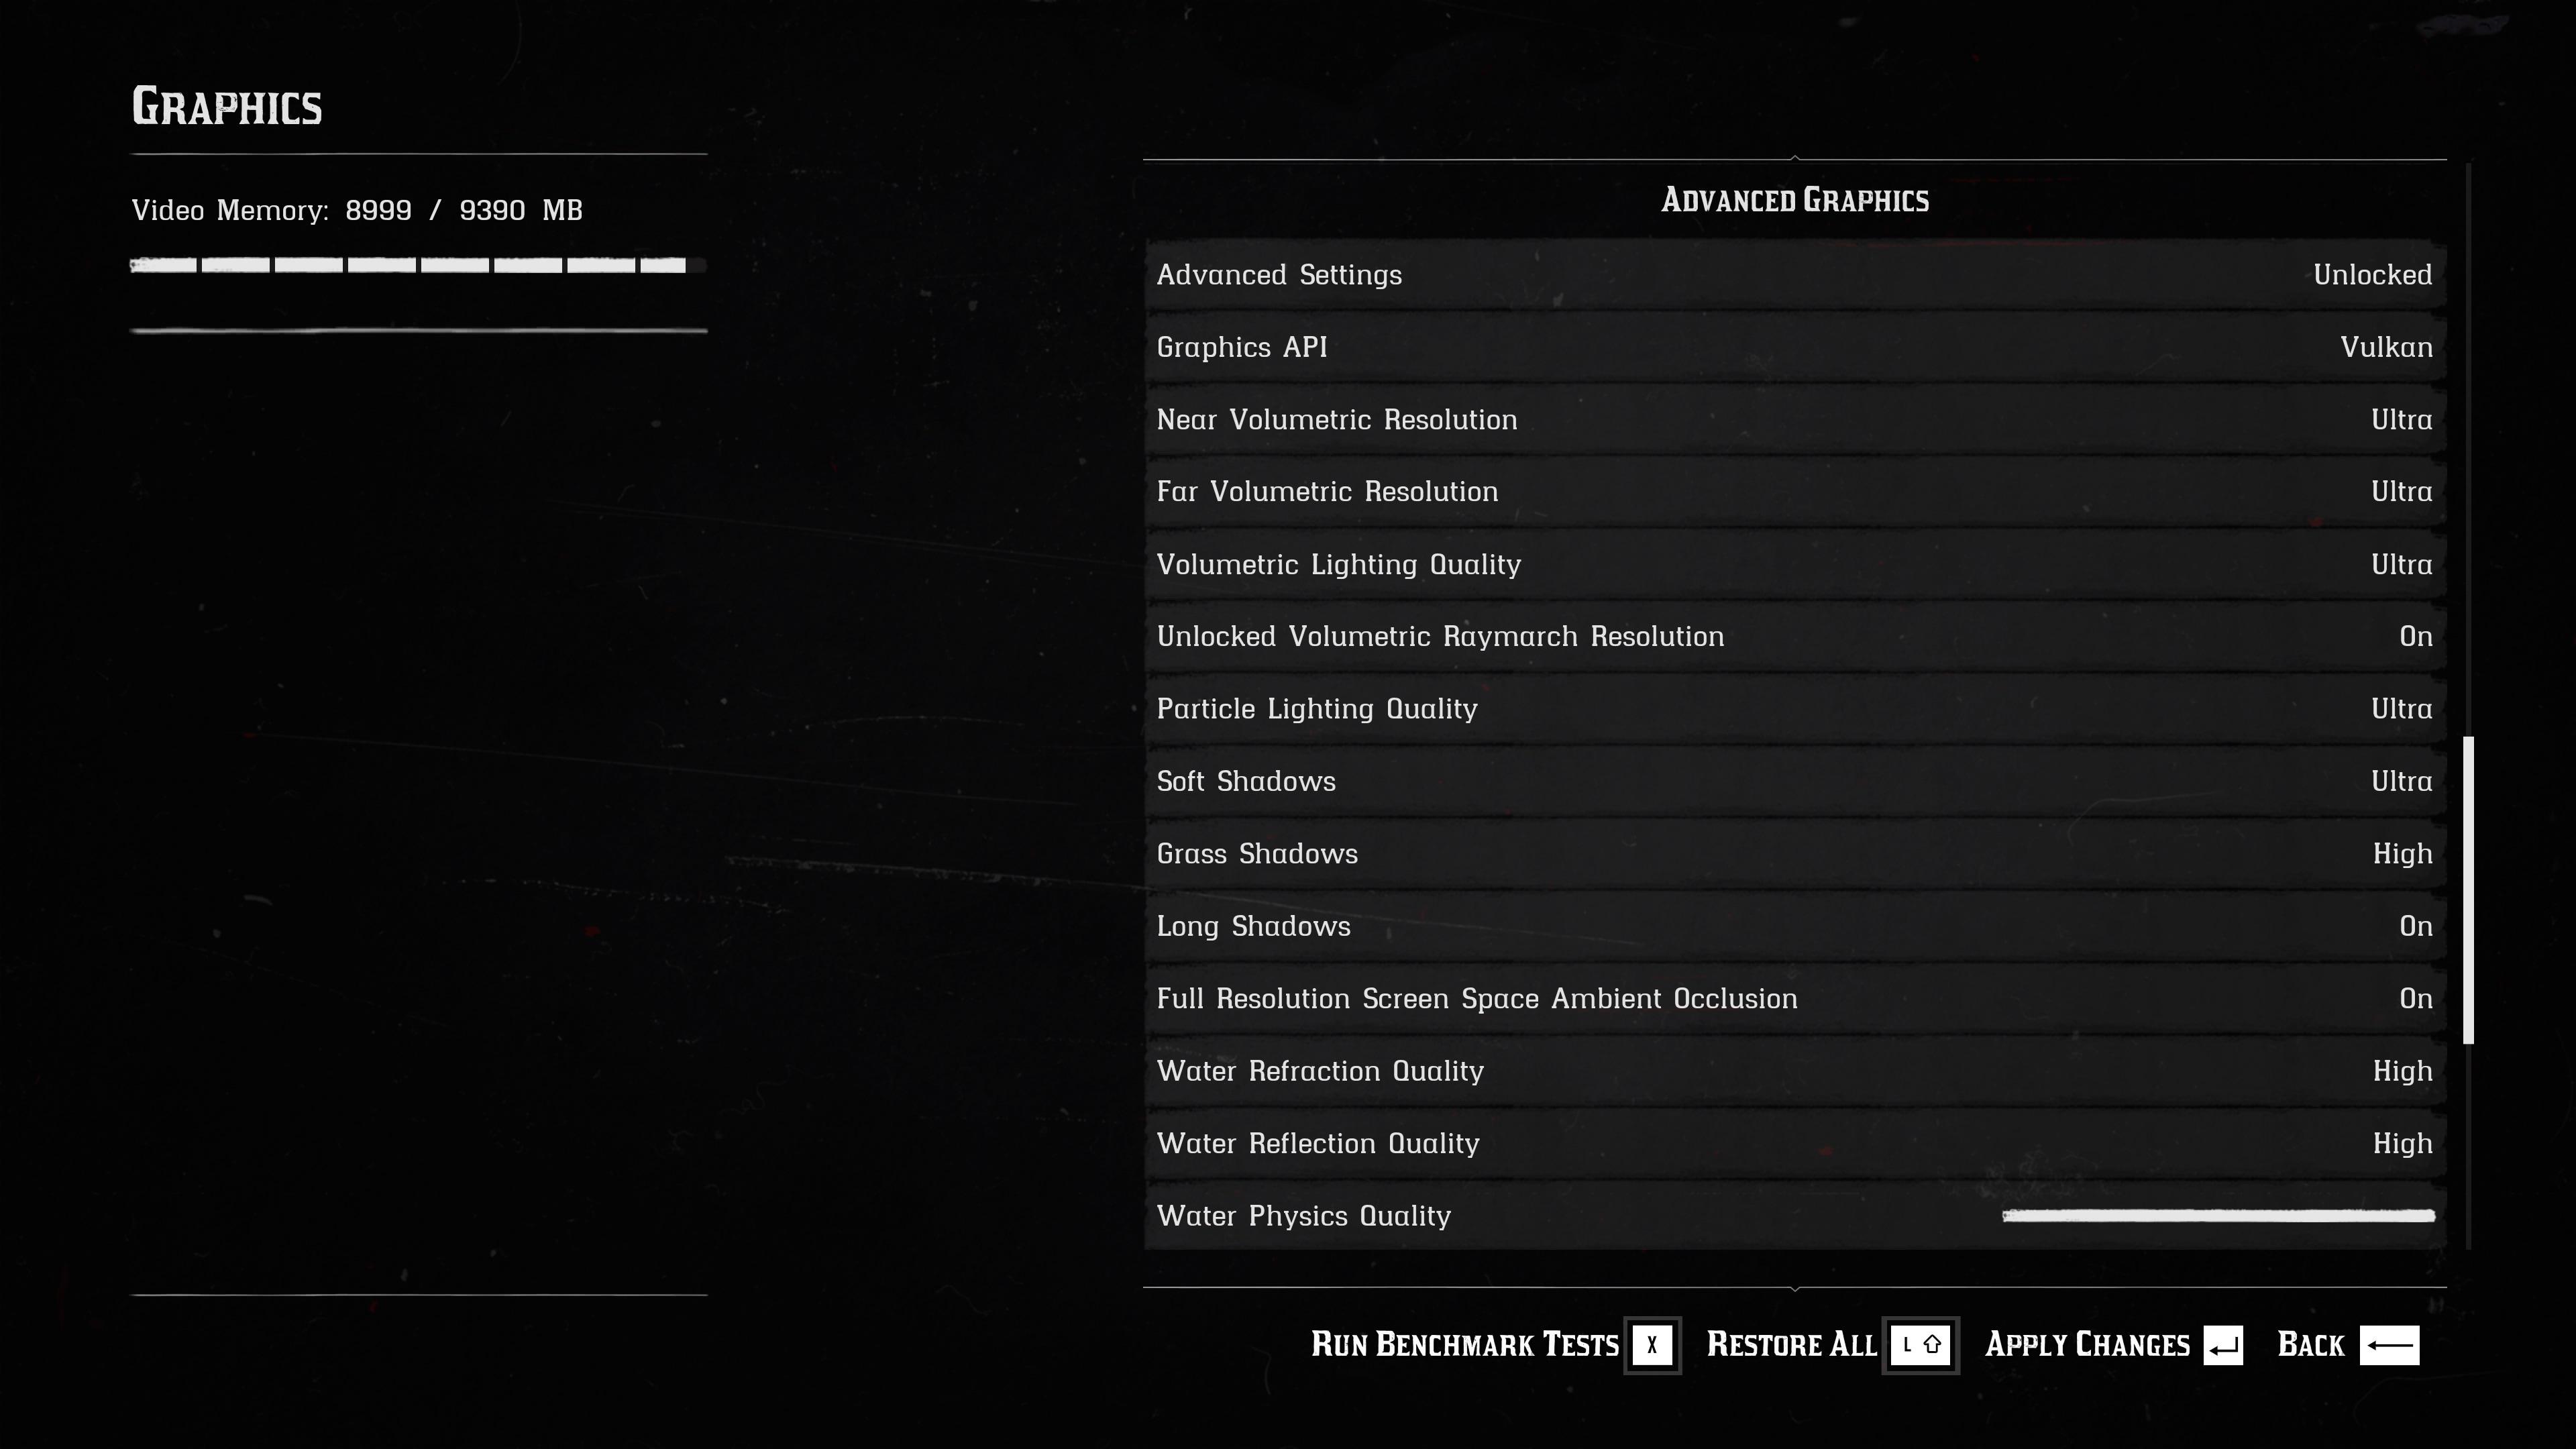 Red Dead Redemption 2 PC impostazioni grafiche (5)